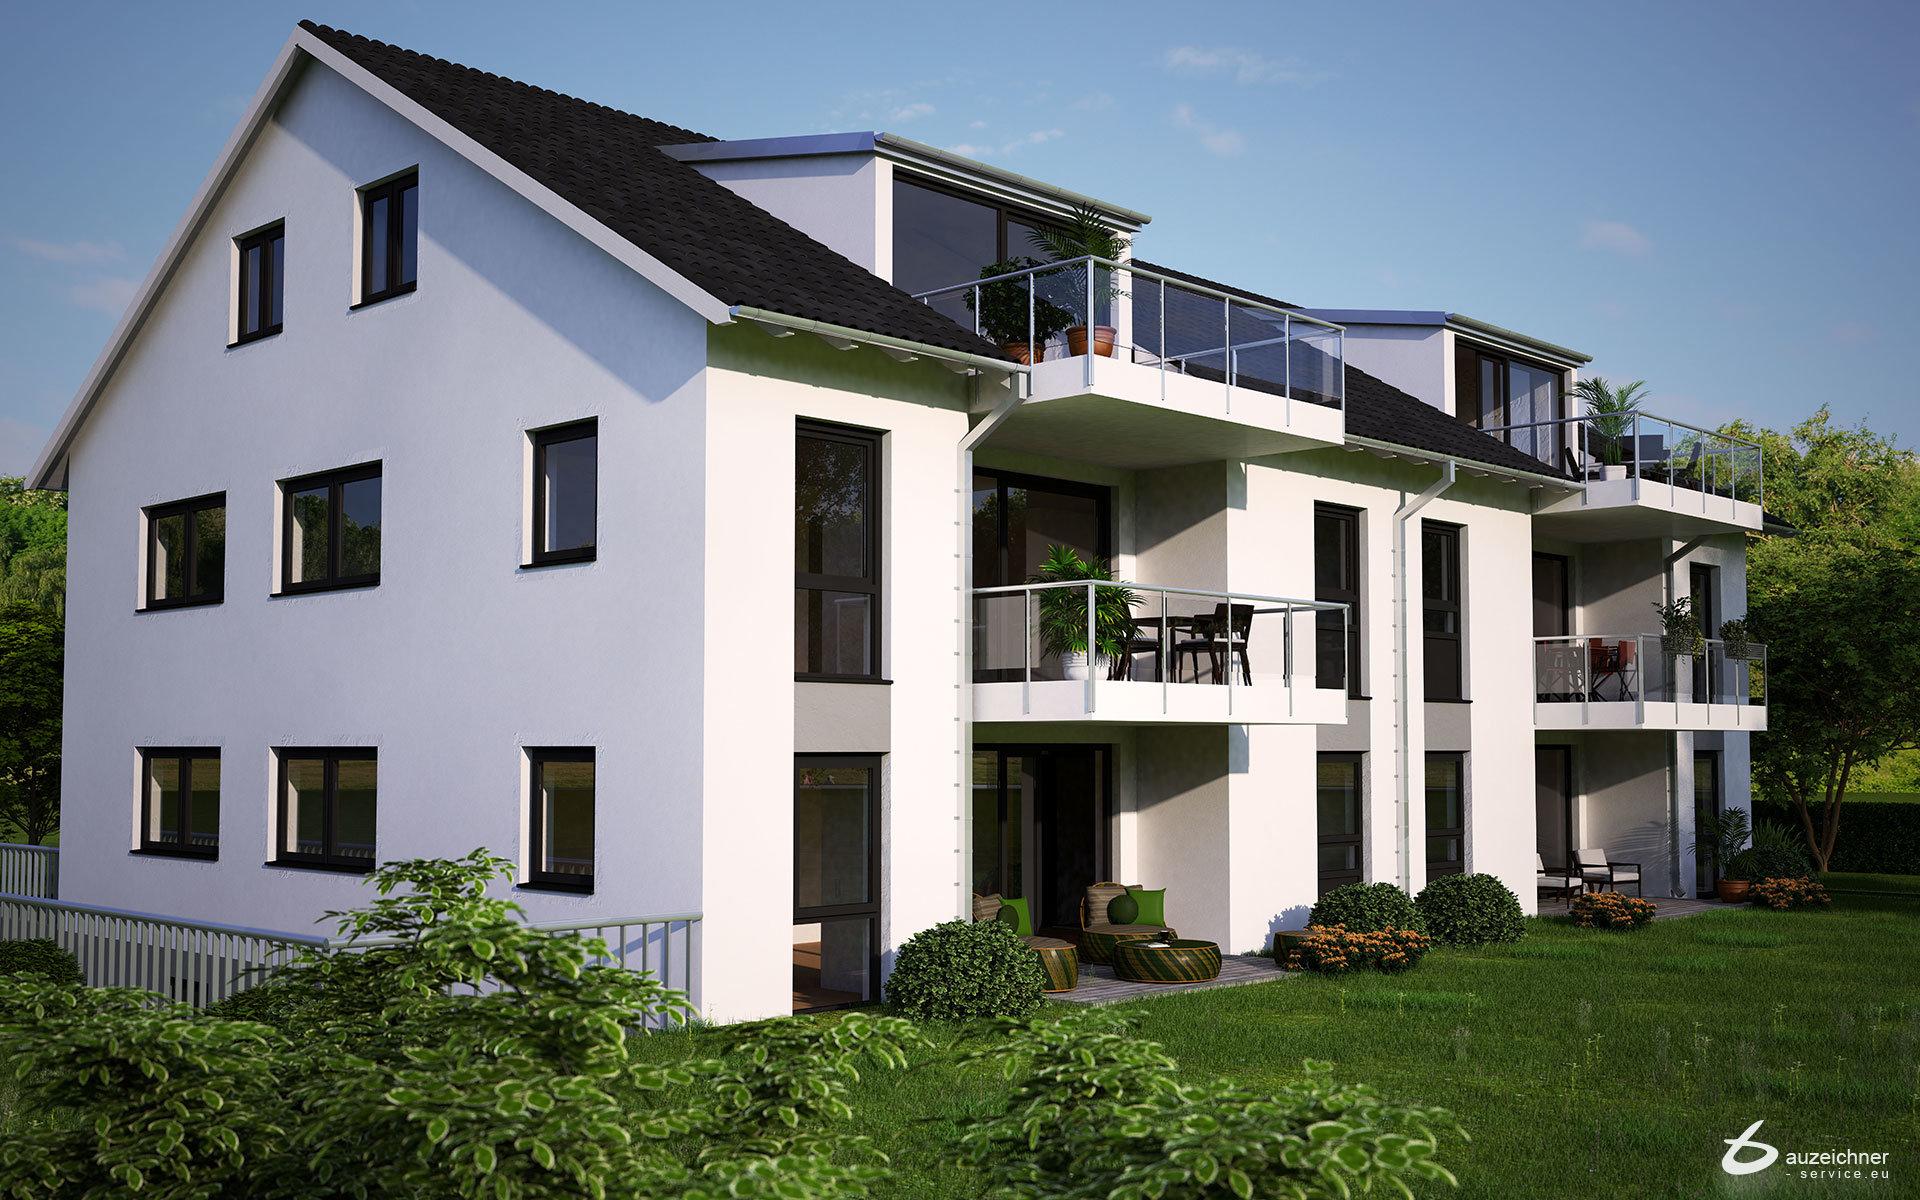 Architekturvisualisierung eines Mehrfamilienhauses in Löchgau